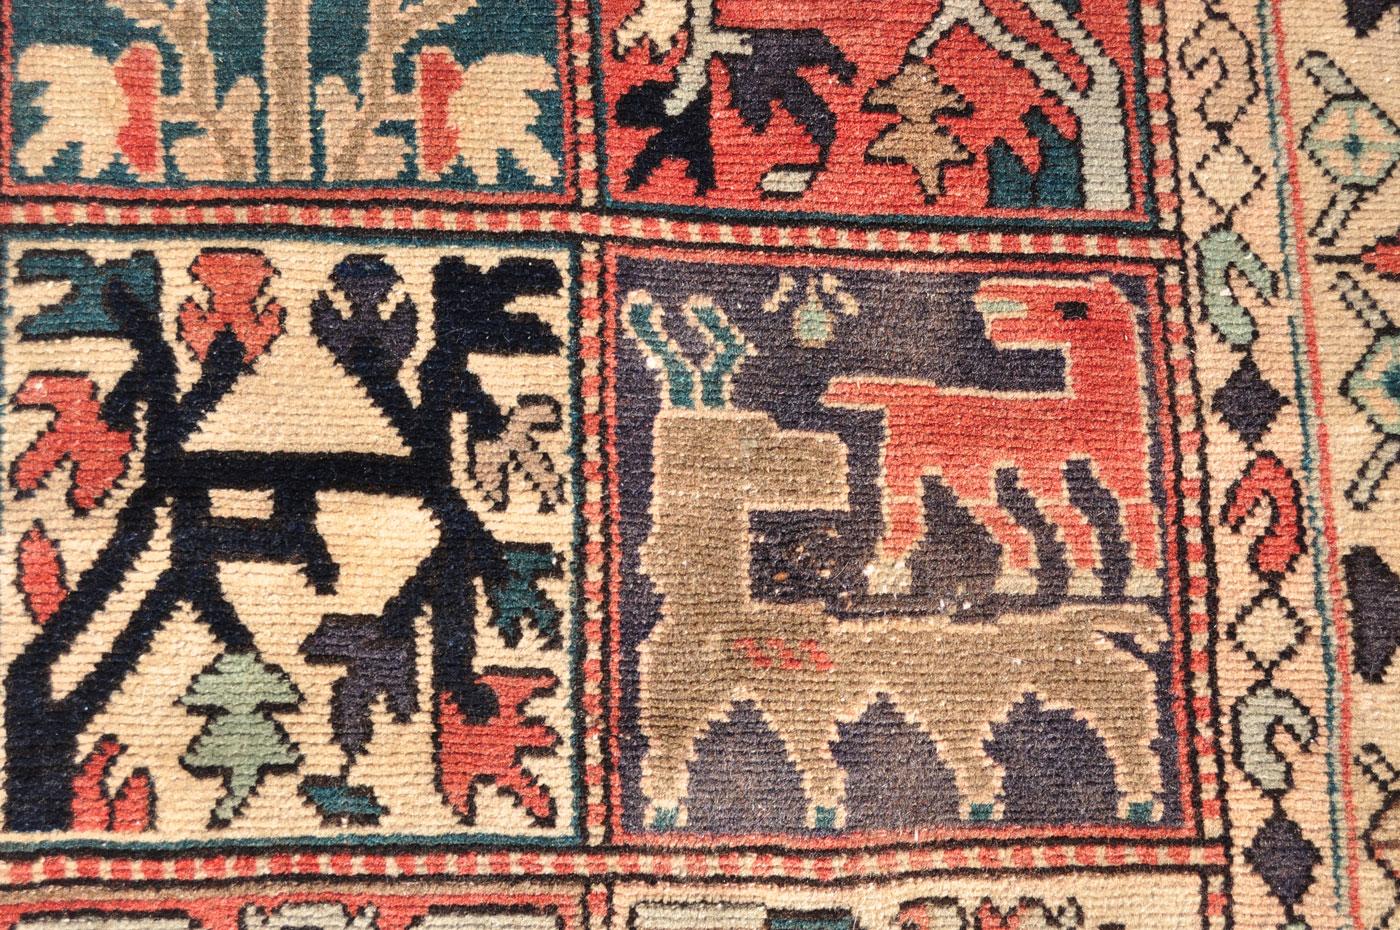 Bakhtiar Animal and Bird rug